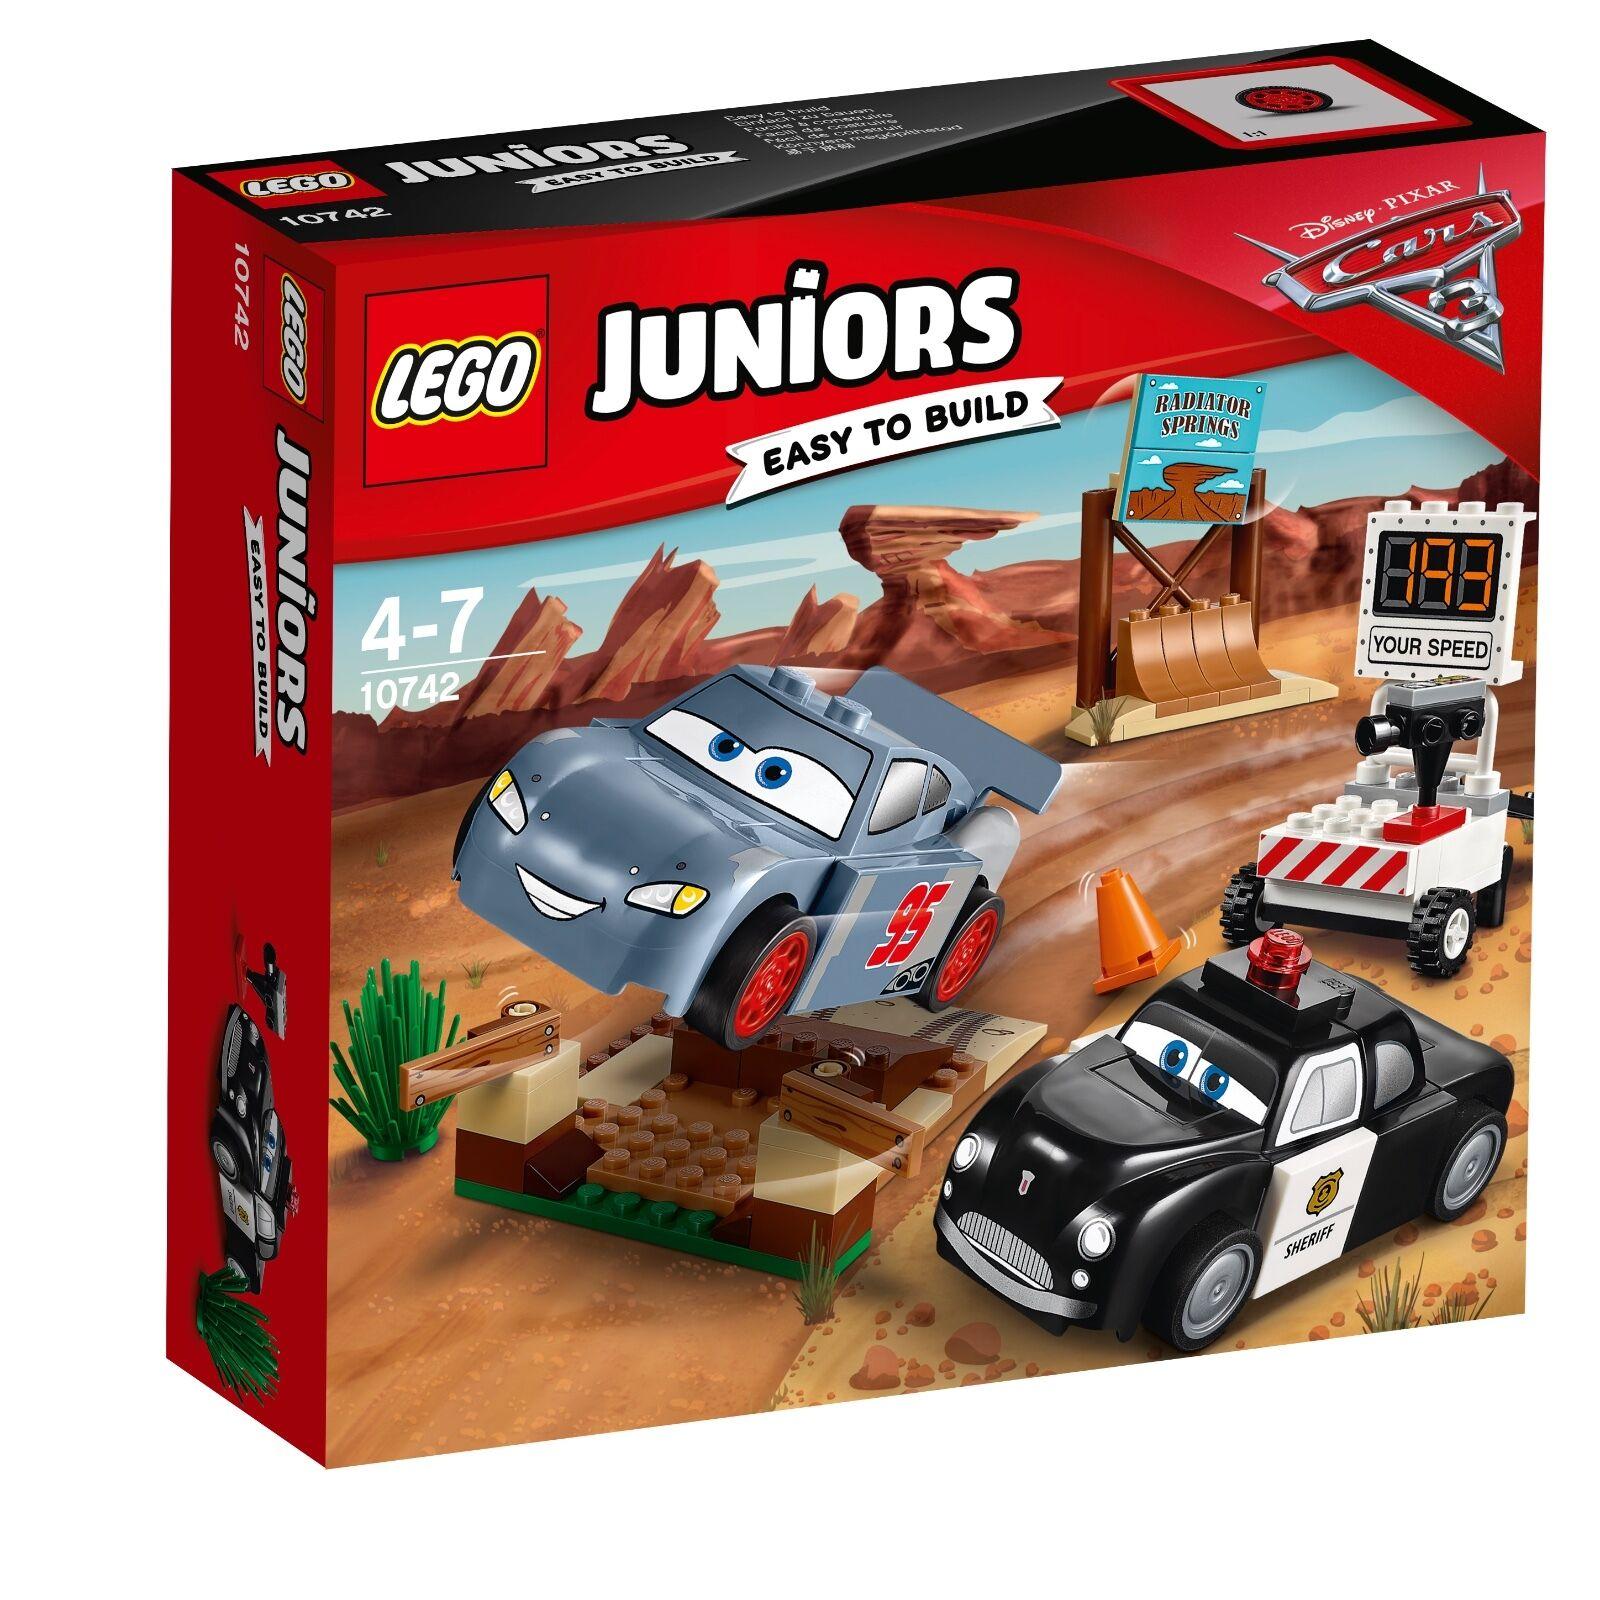 LEGO ® Juniors 10742 vertiginoso Training giri in Il diavolo ridotta NUOVO OVP _ NEW